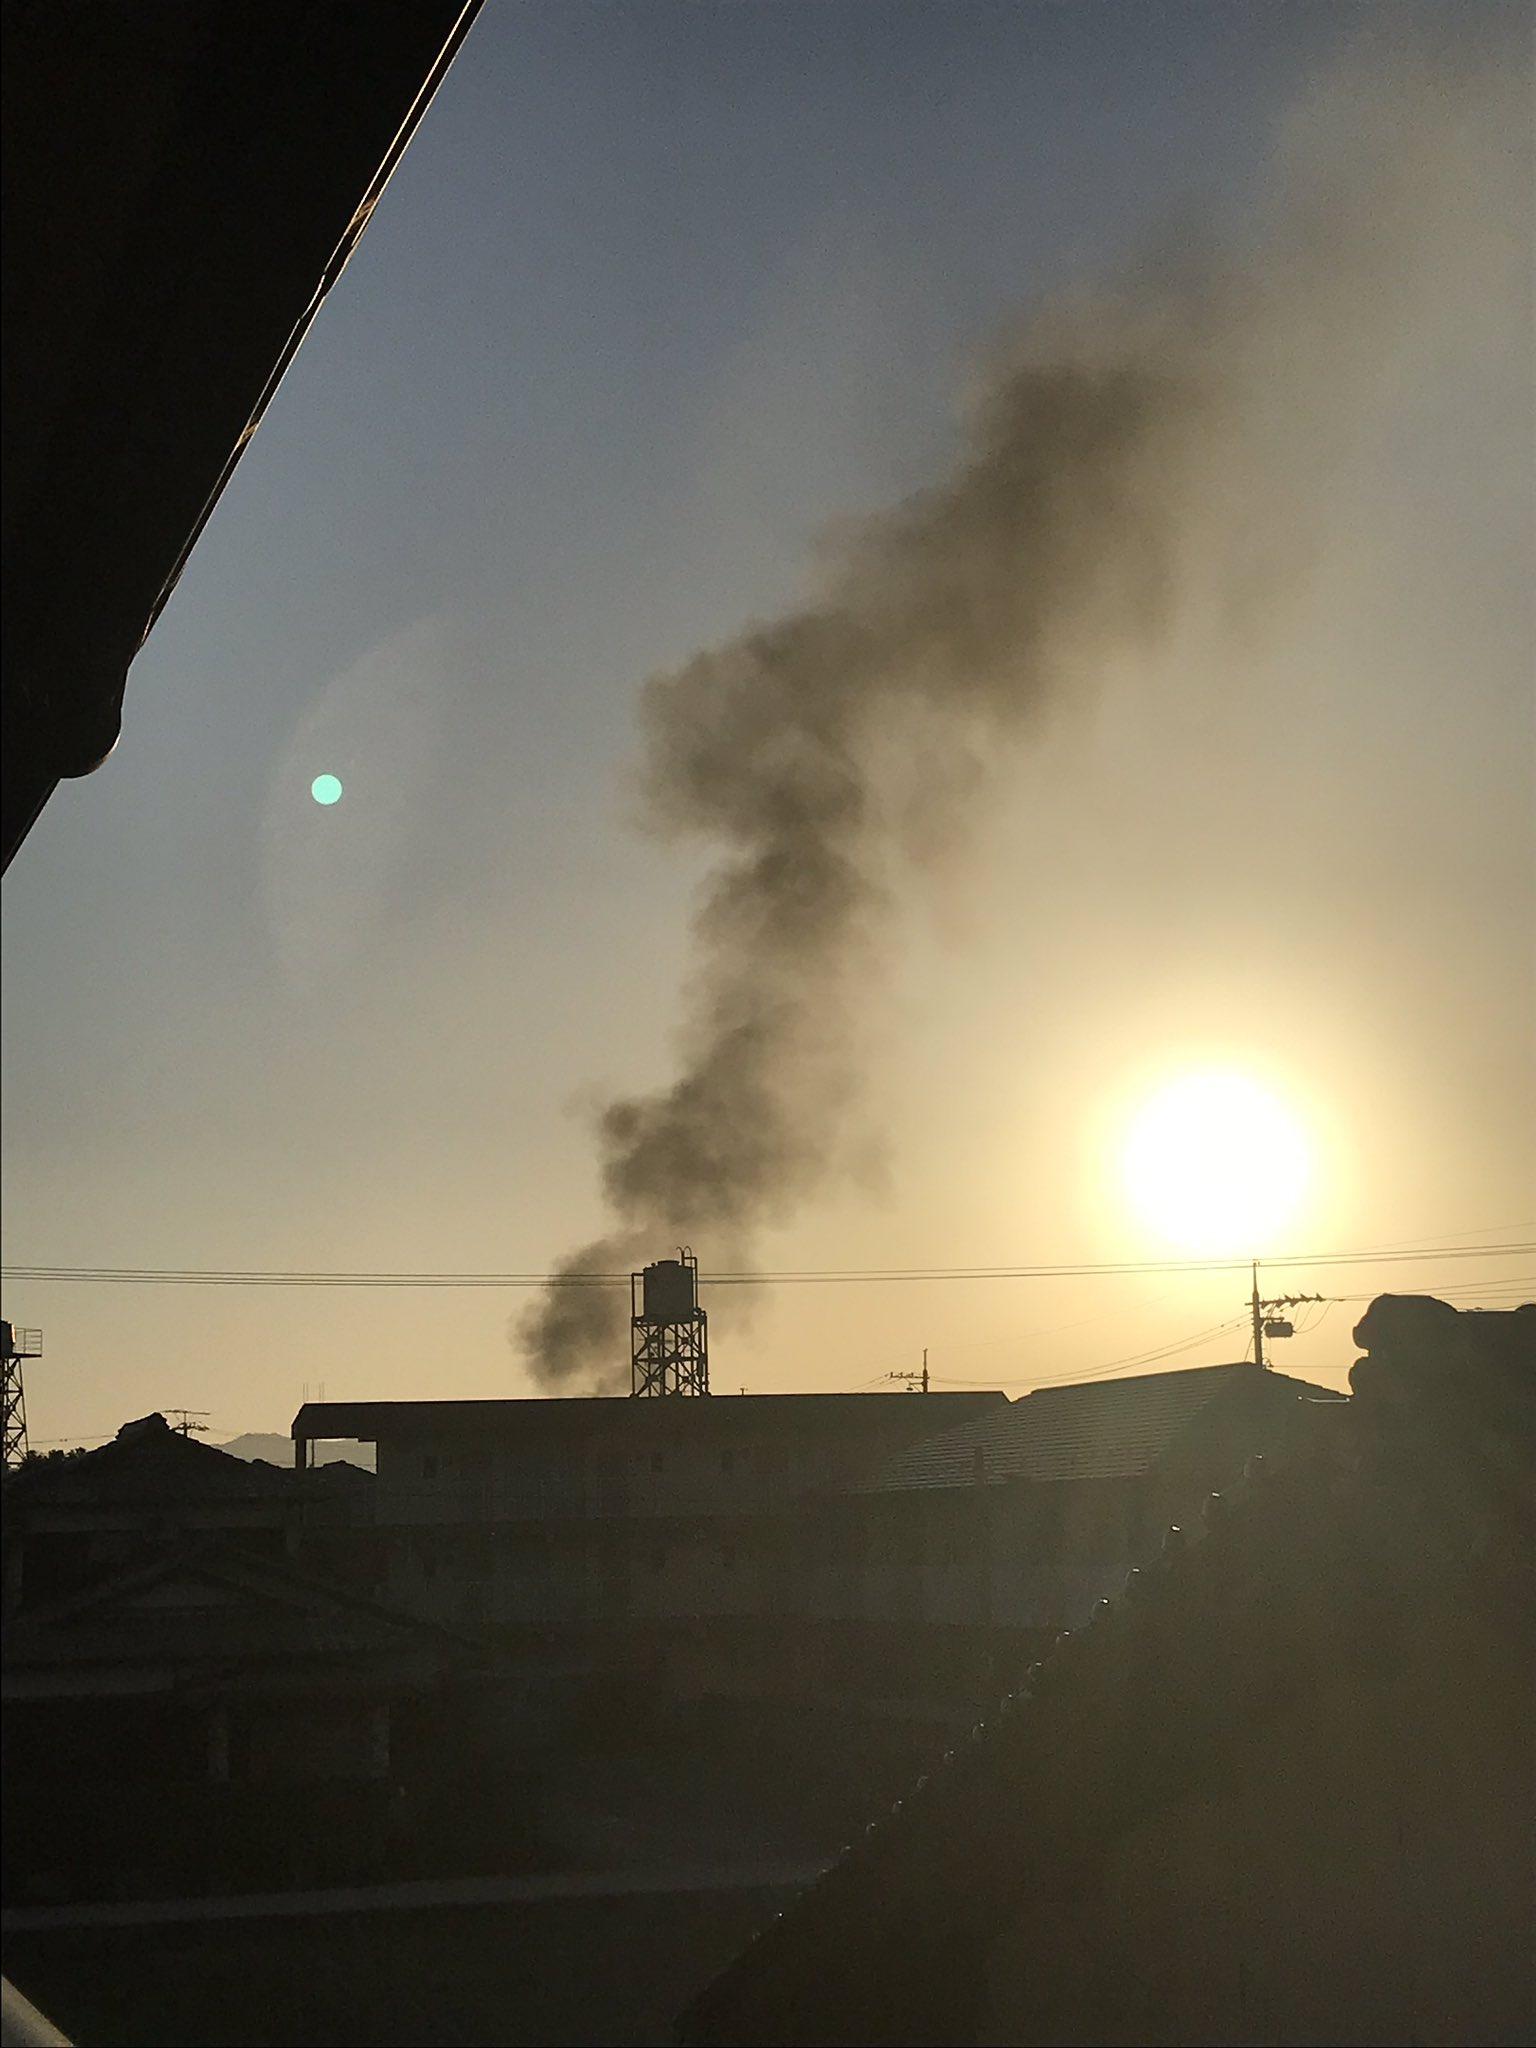 画像,火災起きてます https://t.co/i1oQYggzot。